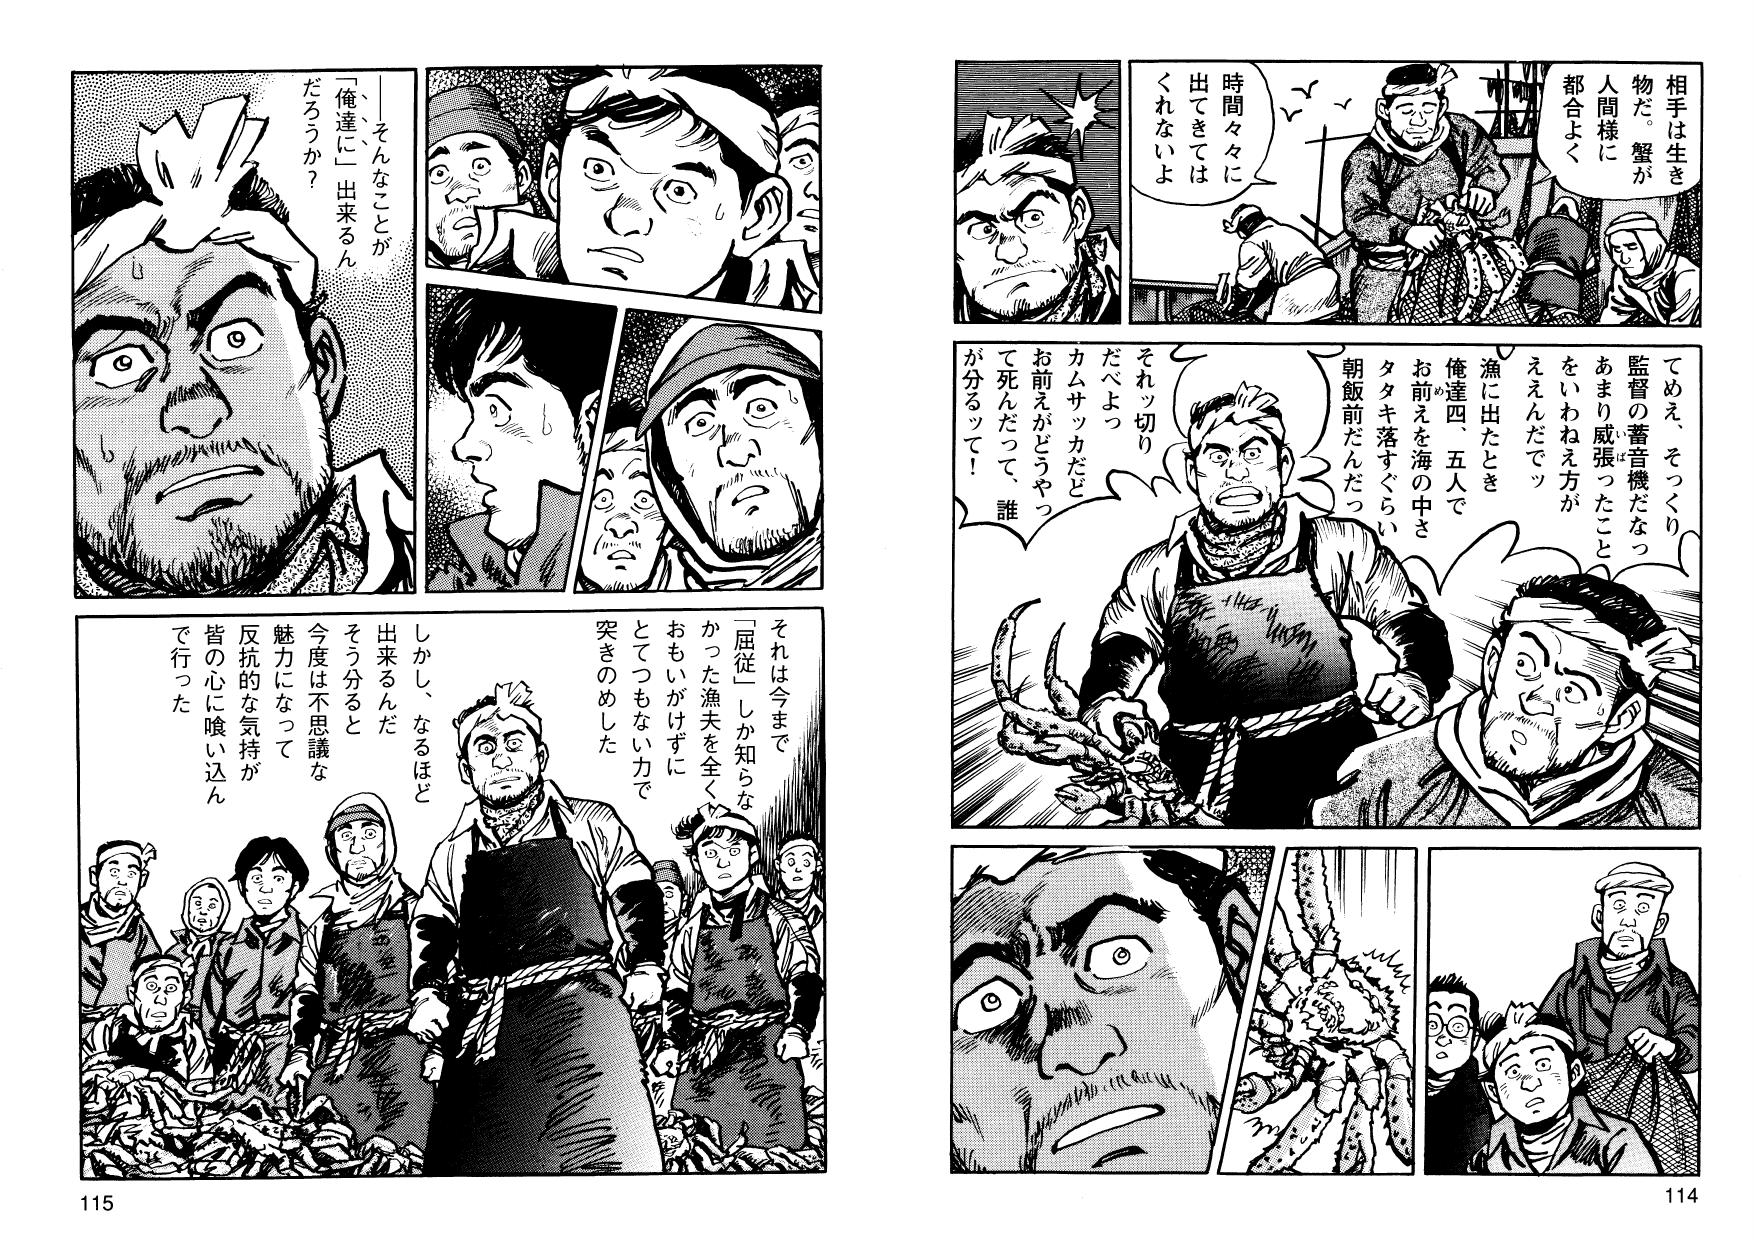 kani_cmc_000058.jpg